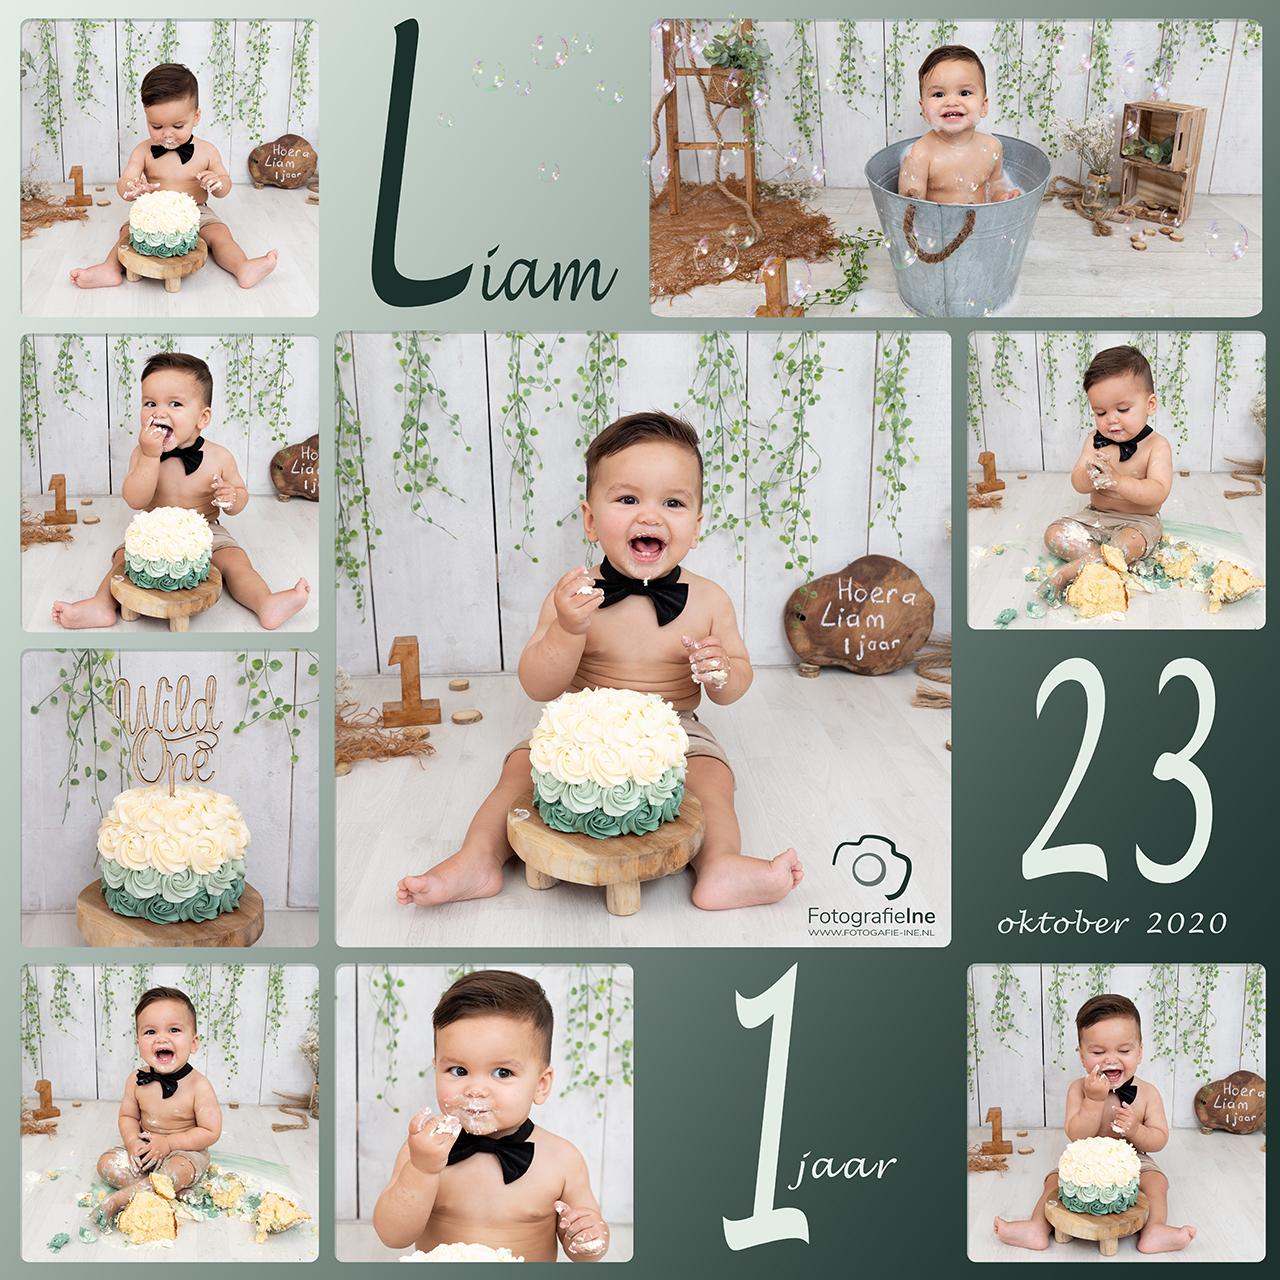 Fotografie Ine collage cakesmash Liam naturel jungle hout